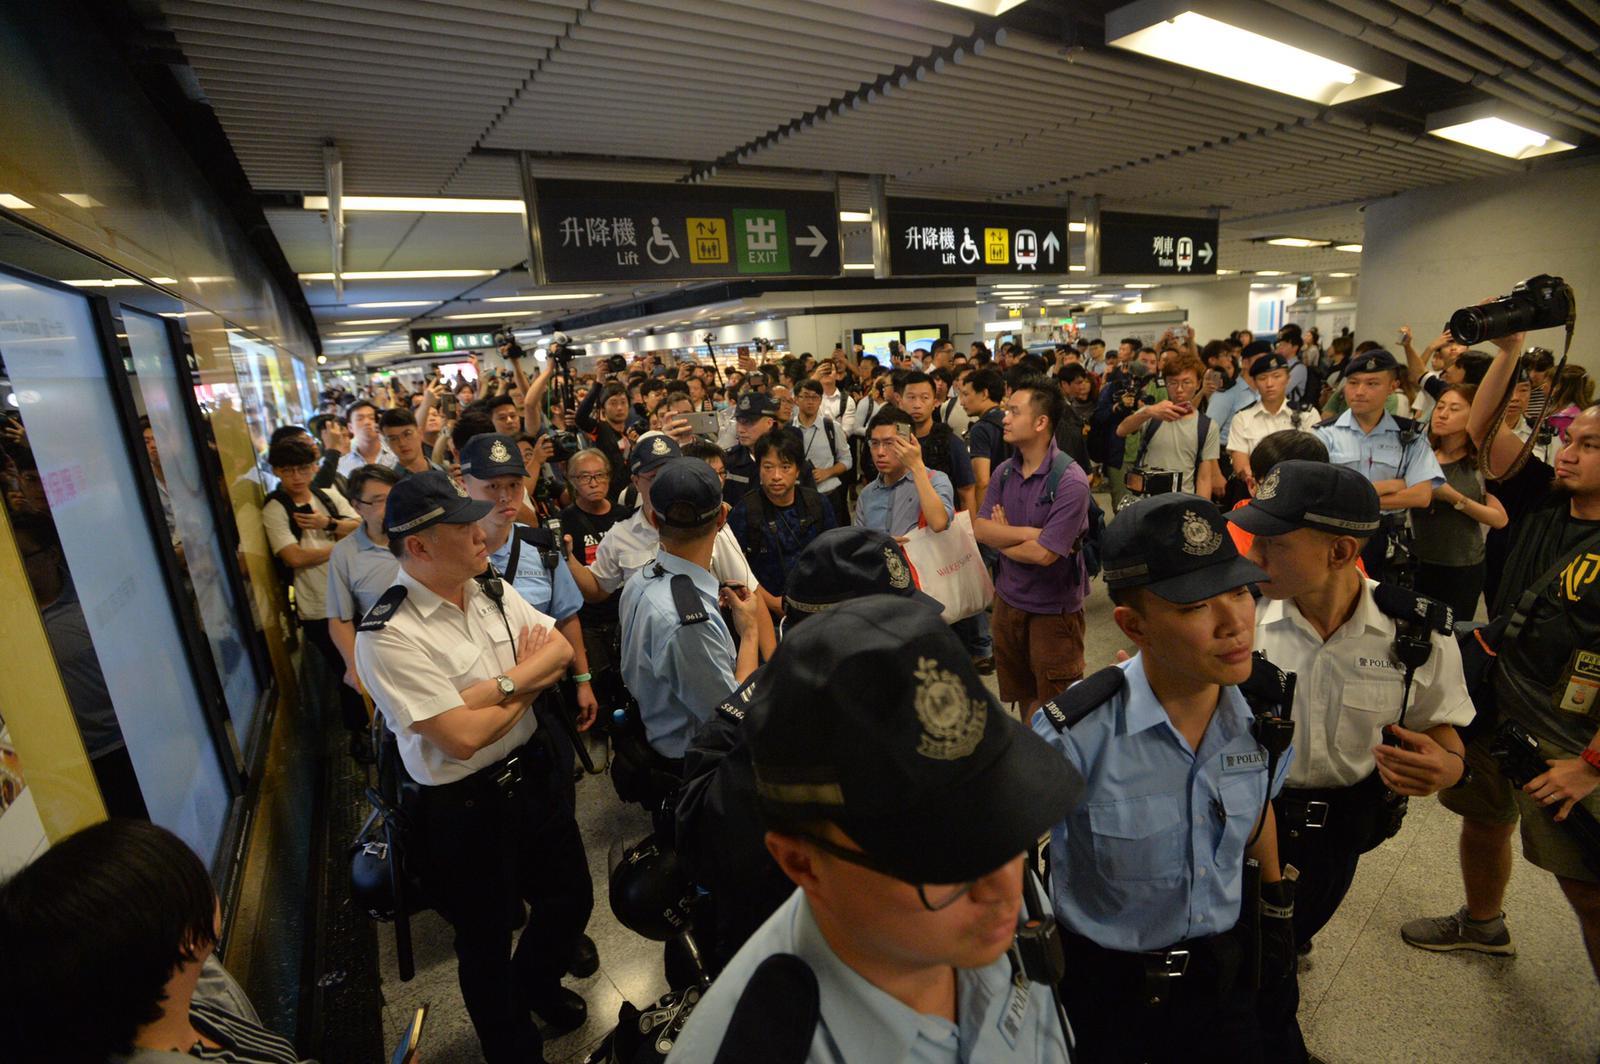 有報道指,港鐵發特別通知要求提交請病假員工名單。